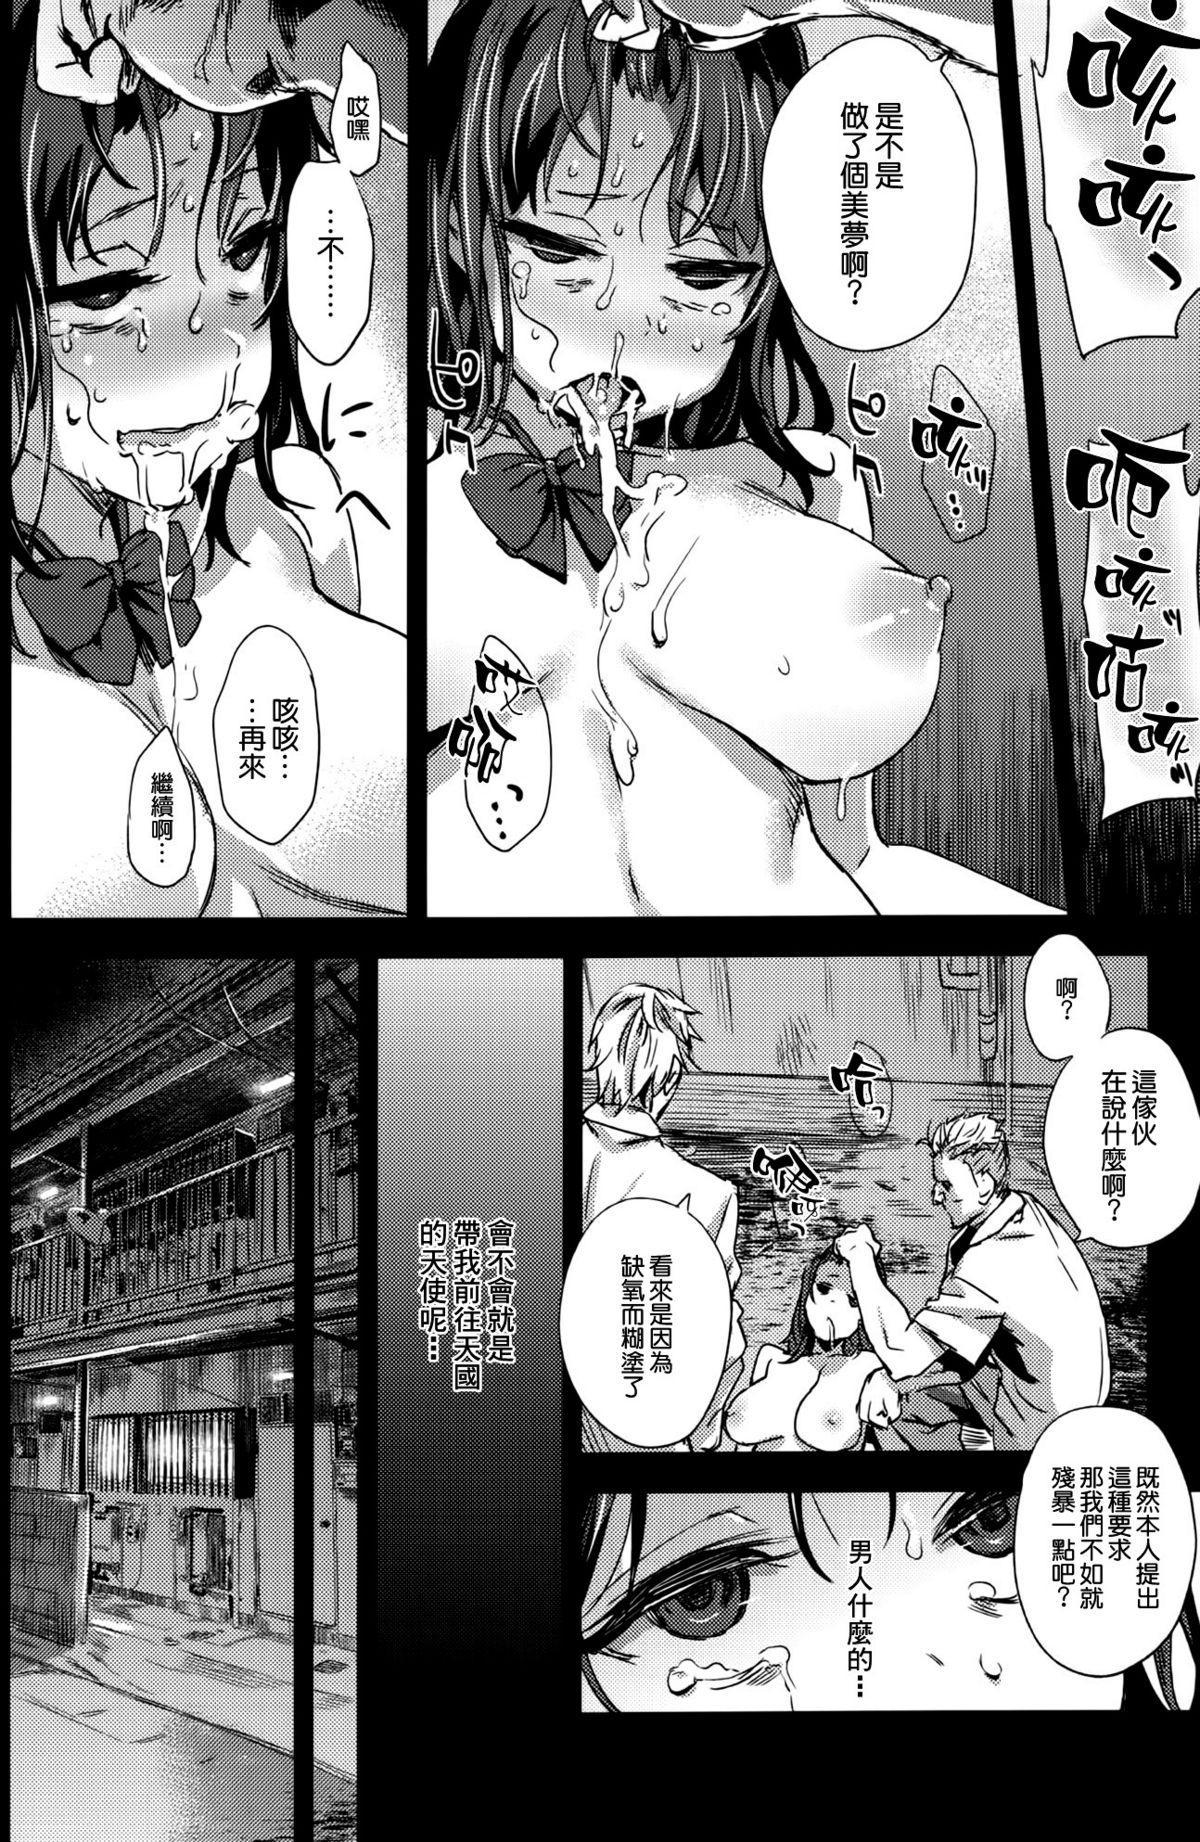 """(C87) [Fatalpulse (Asanagi)] VictimGirlsR """"JK de Refre -Flesh & Refresh-"""" [Chinese] [空気系☆漢化] 17"""